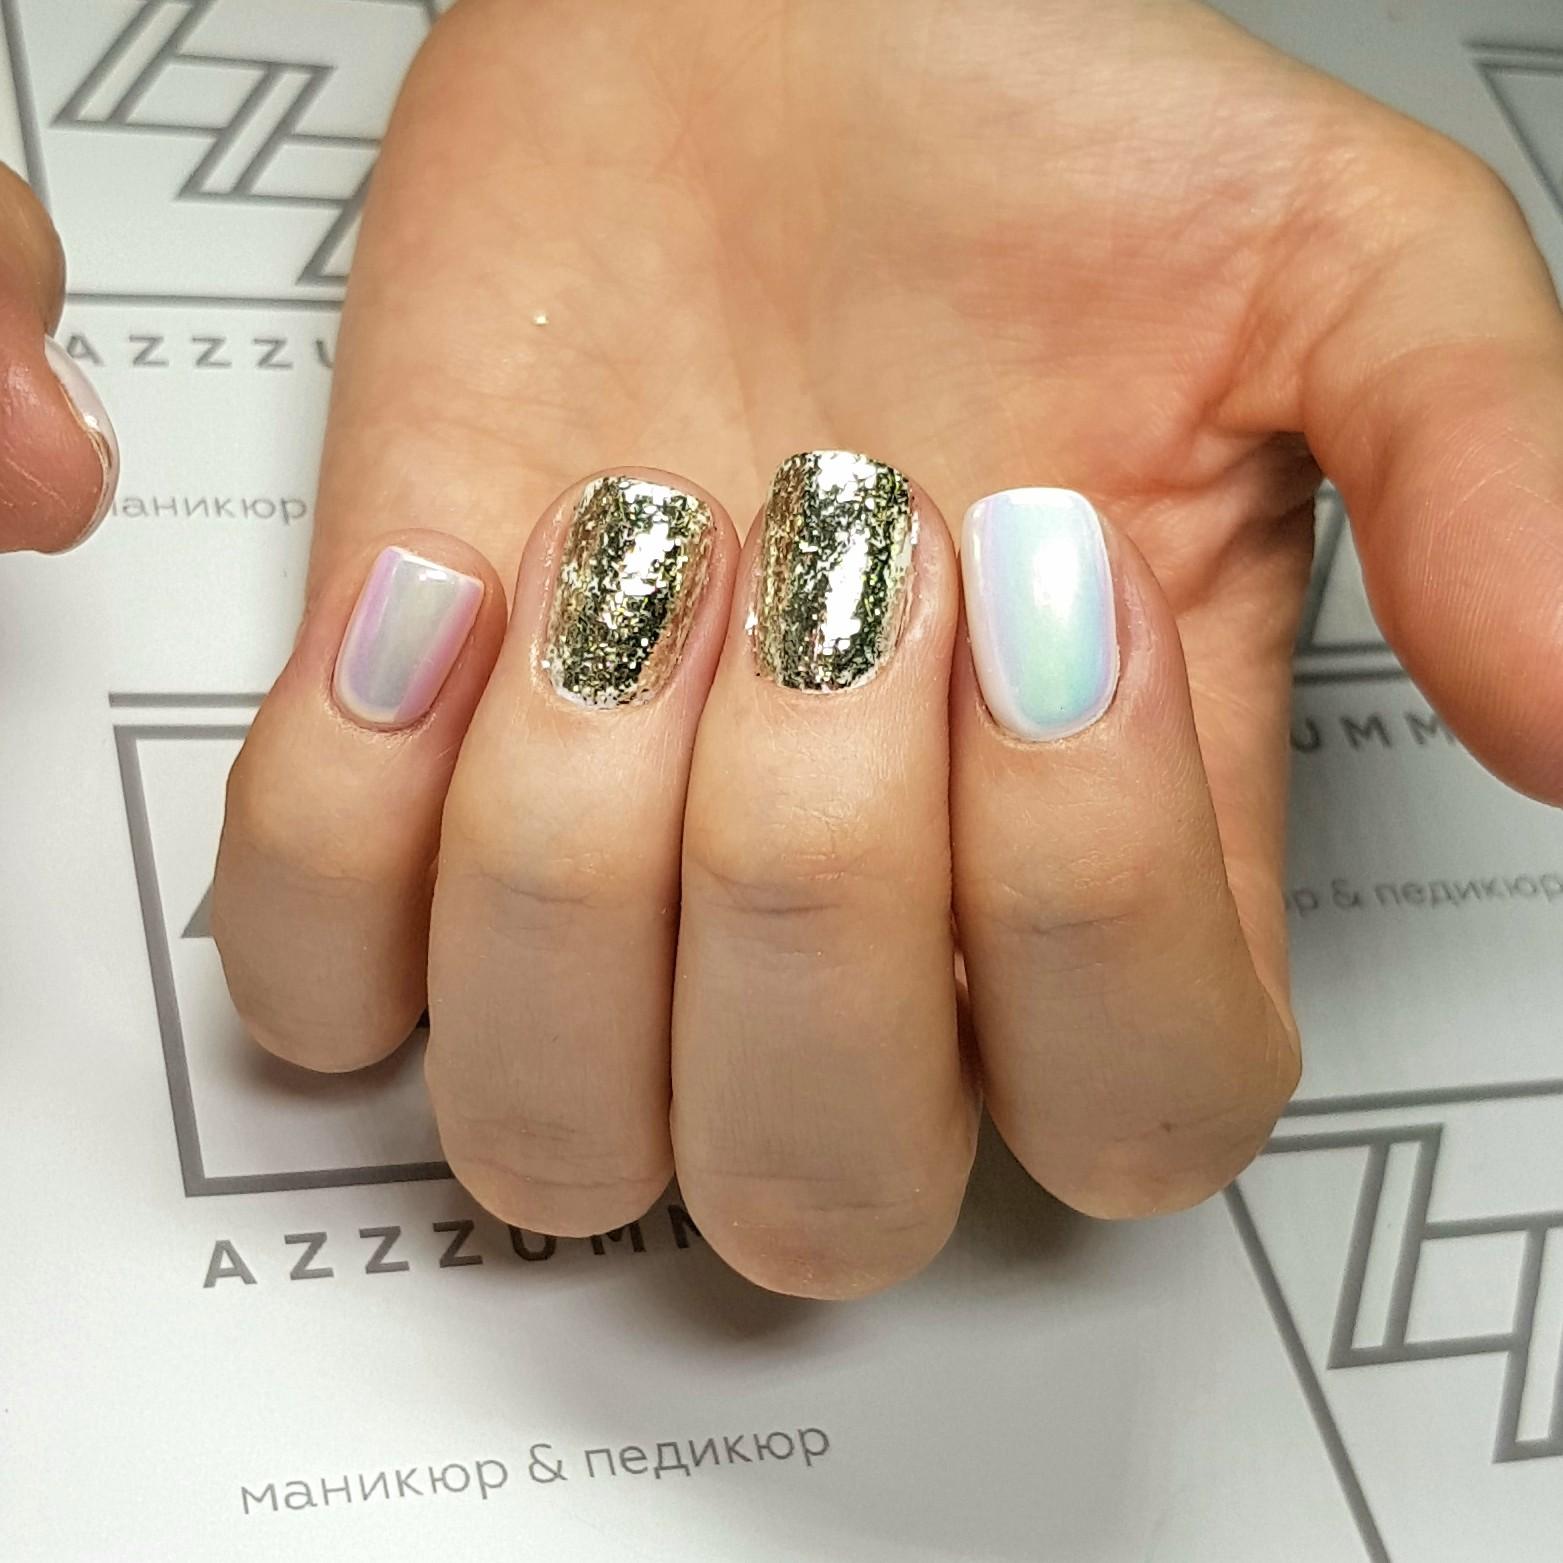 Azzzummi_nails_ 1905_золотыехлопья